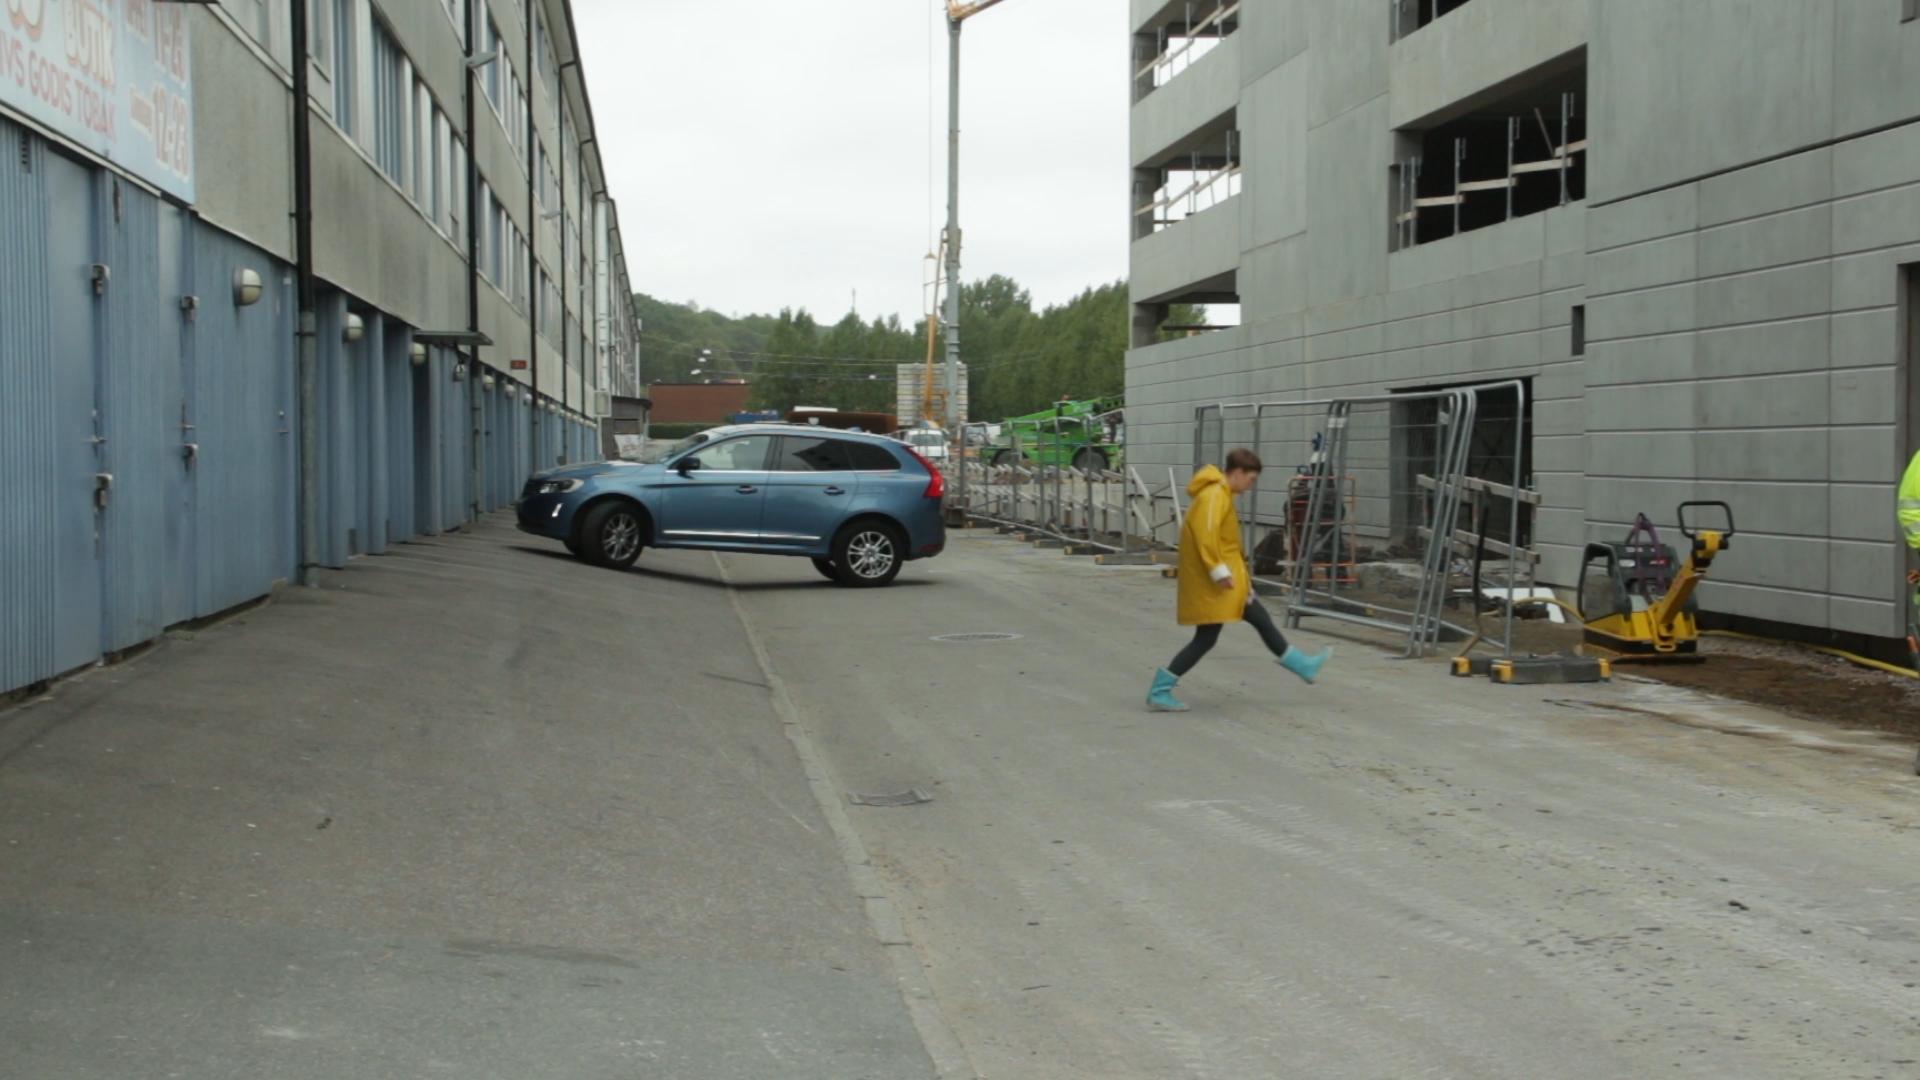 """förFilm:    Nordisk kortdokumentär: Väggen   Kl 10.00, bio victor  Regi: Astrid Askberger, Sverige, 2019 (5 min). Engelsk text. """"Vi visste att de byggde något på parkeringen utanför. Vi hade känt hur de pålade och sett hur dörrkarmen och trapphuset spruckit."""" I en rappt klippt kortfilm berättar Astrid Askberger historien om hur det är att få en ny vägg tio meter från sitt fönster. Visas i samarbete med Tempo dokumentärfestival.  Läs mer"""